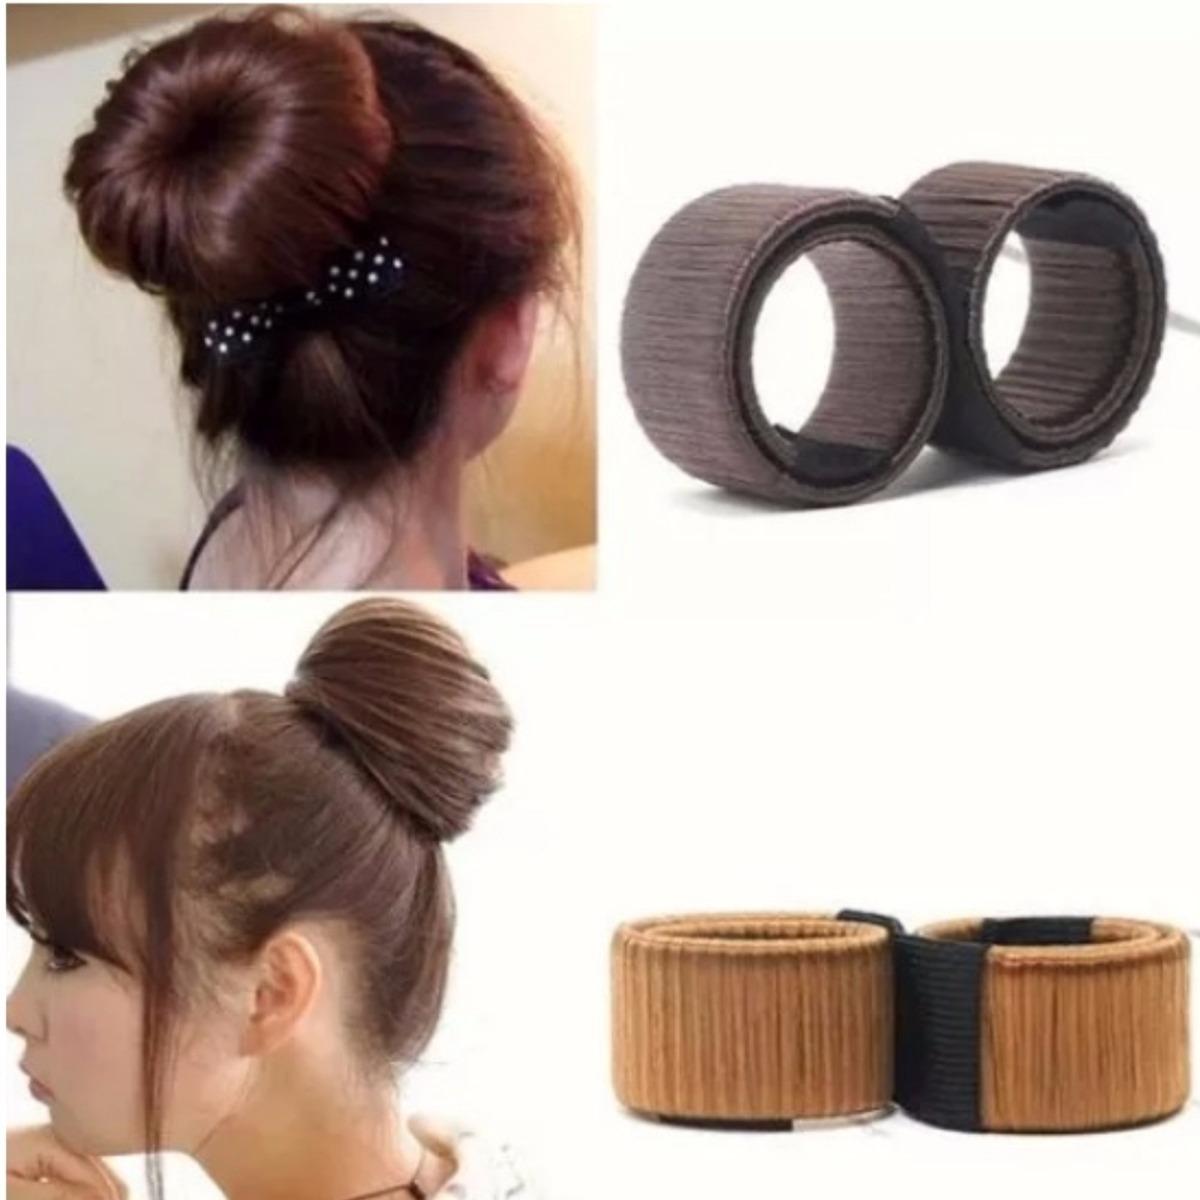 hairagami mágico presilhas para cabelos coques penteado r 12 98